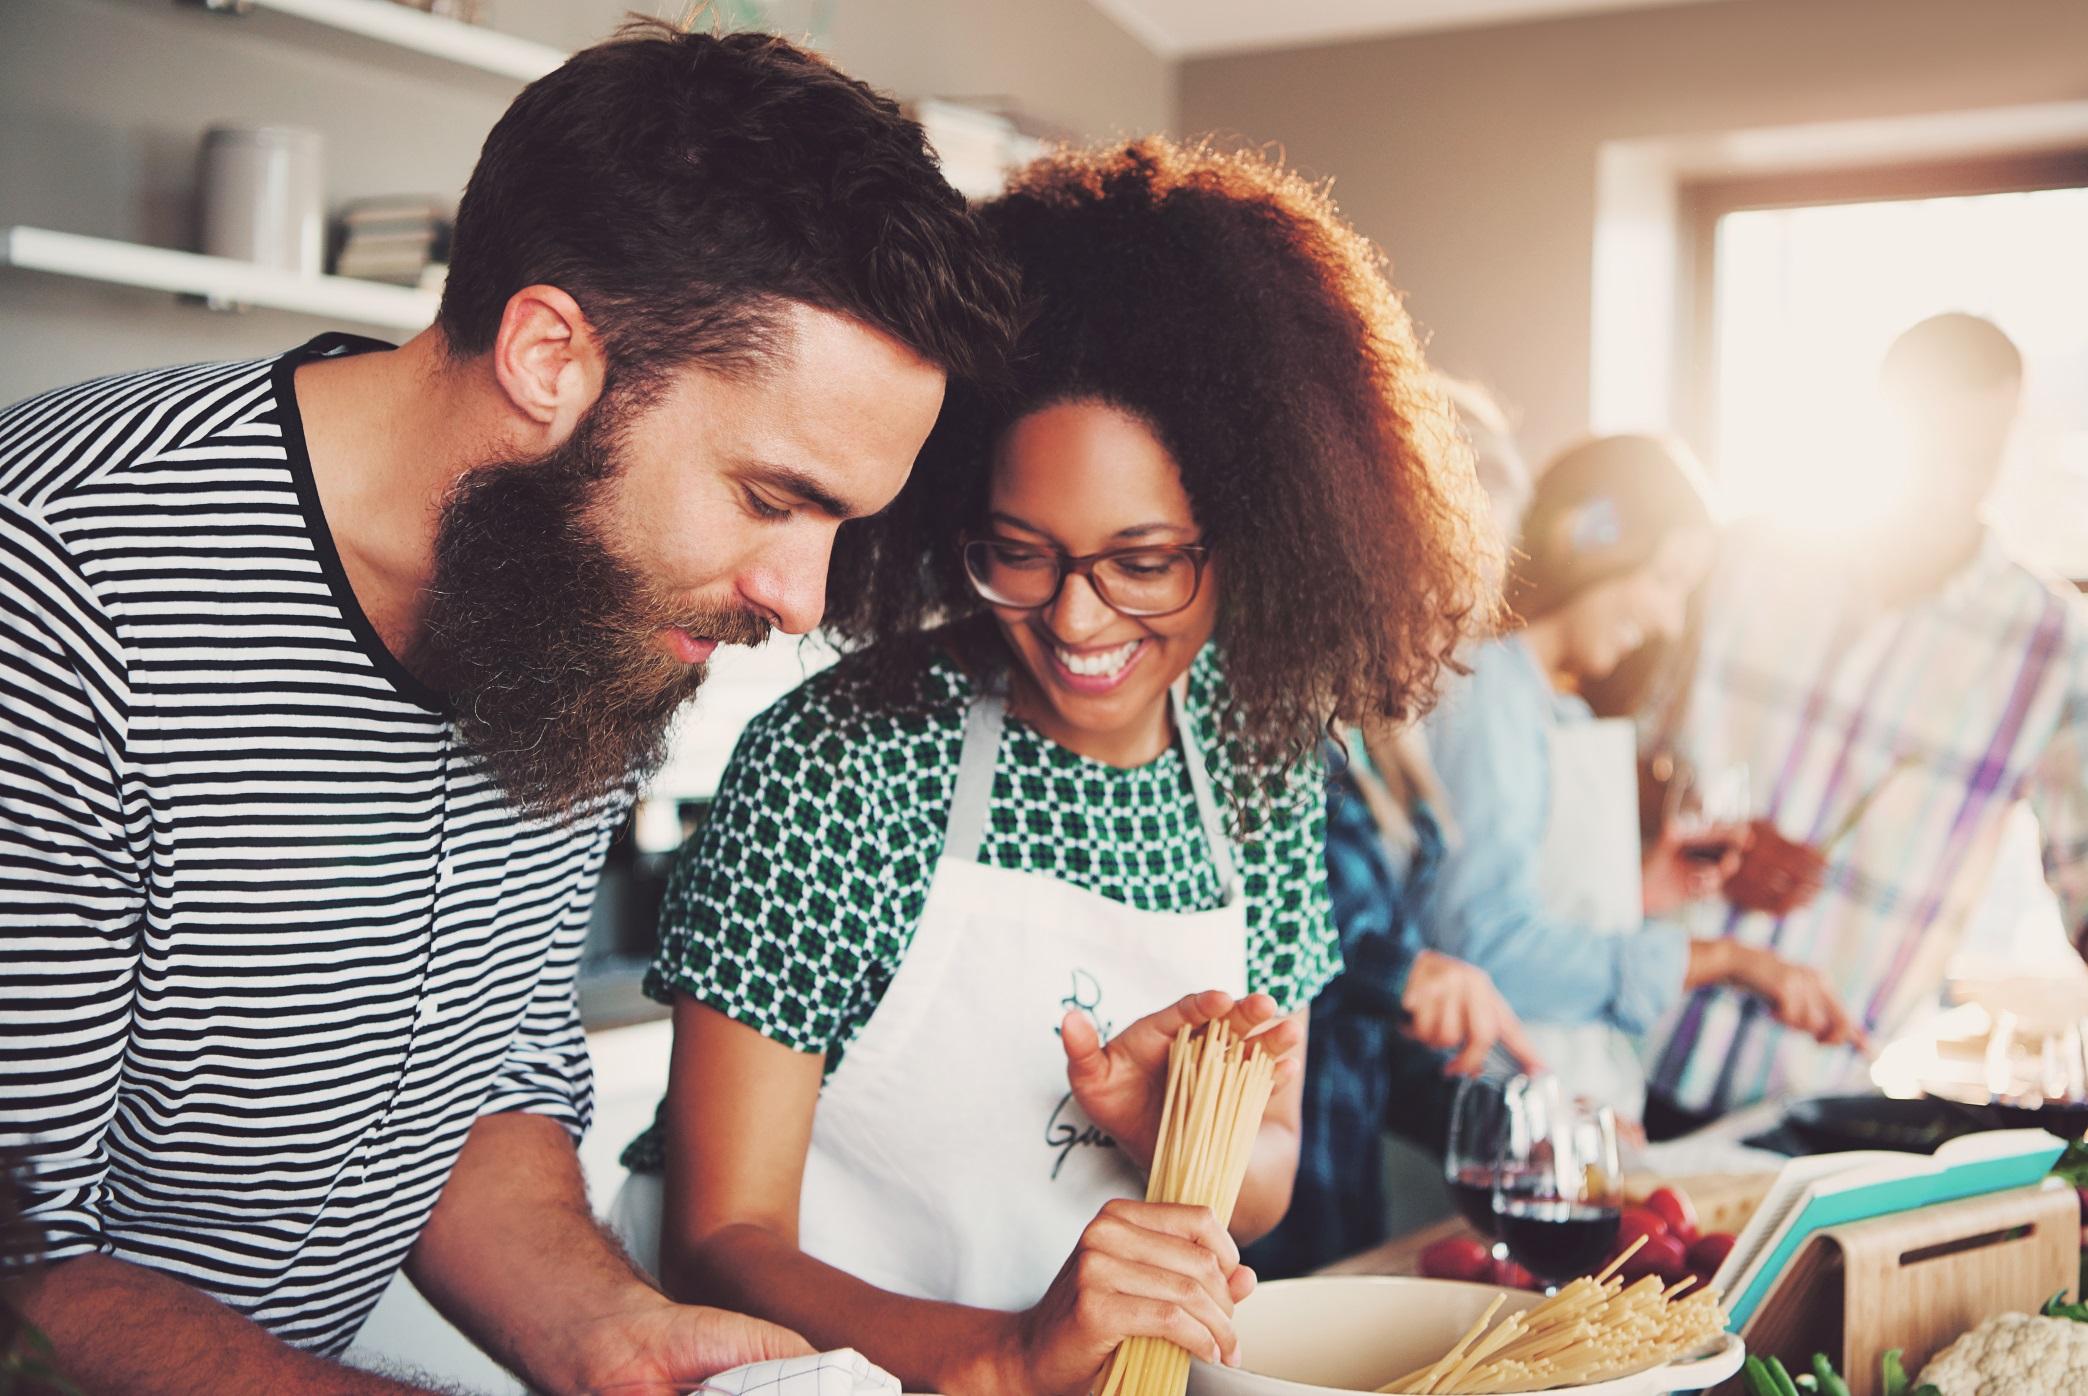 La cocina se erige como el espacio perfecto donde compartir y disfrutar cocinando con amigos